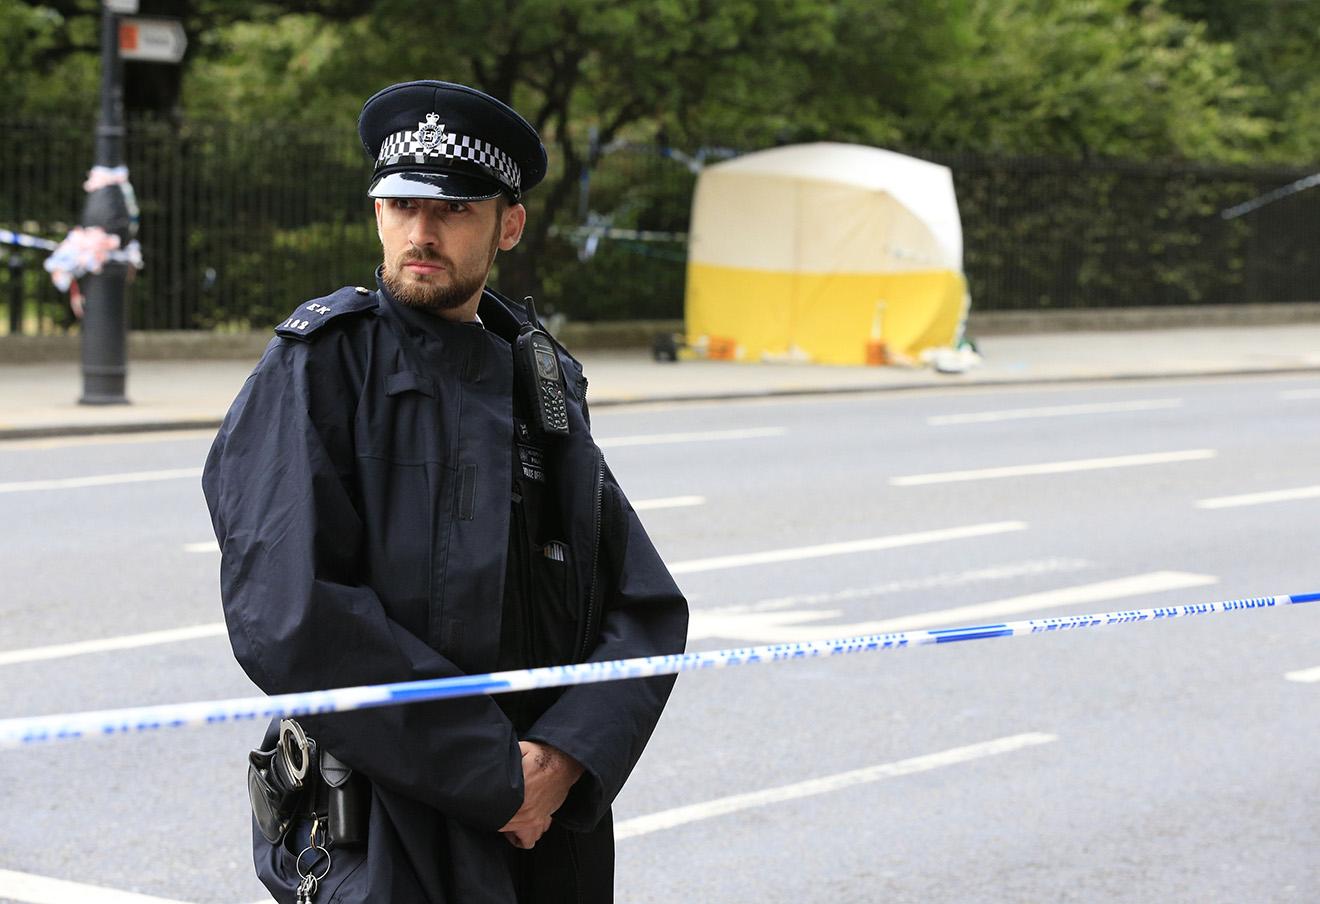 На месте нападения в Лондоне, 4 августа 2016 года. Фото: Jonathan Brady / Fa Bobo / PA / ТАСС